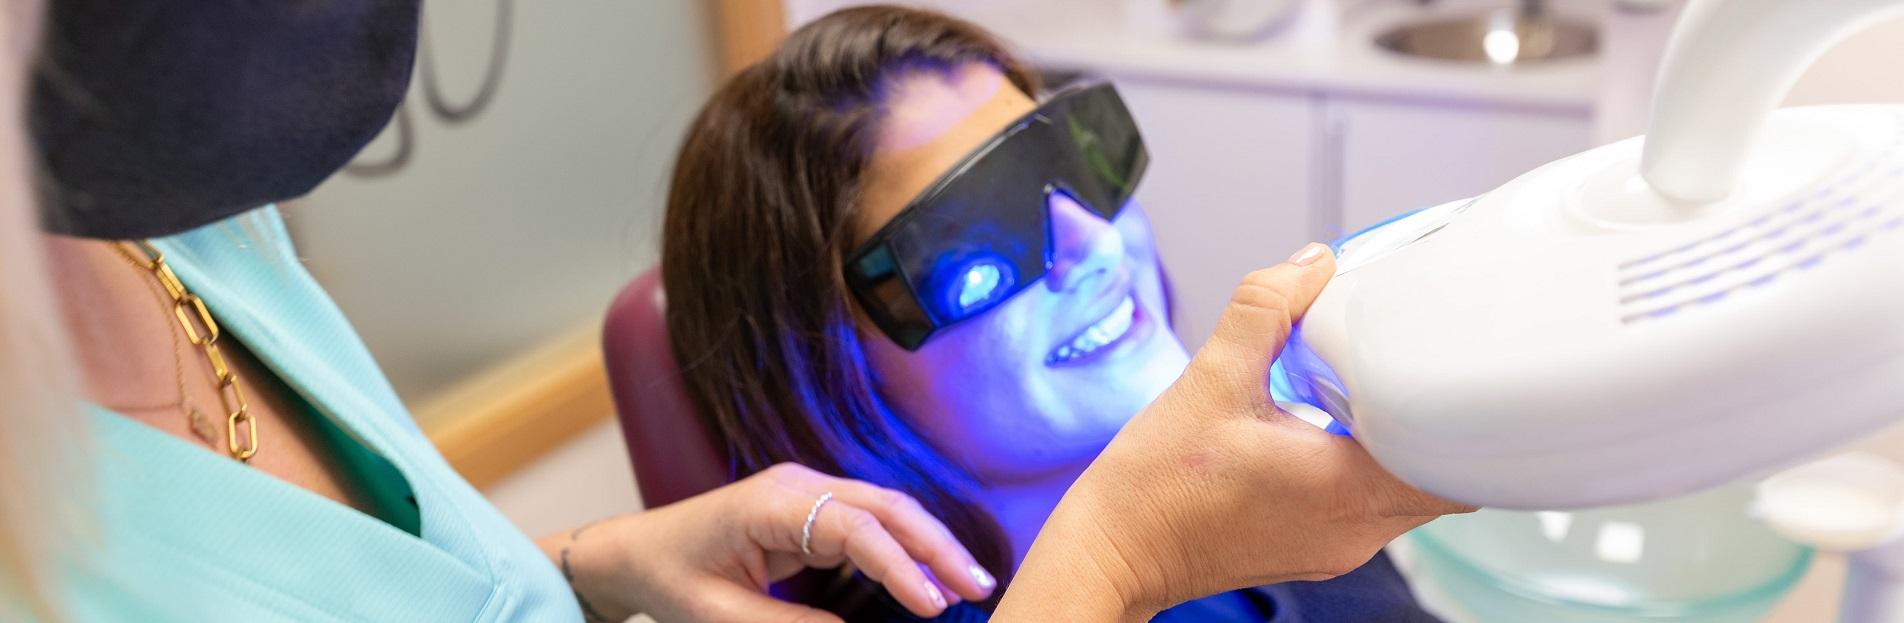 Tratamientos de estética dental- Clínica dental Parracía